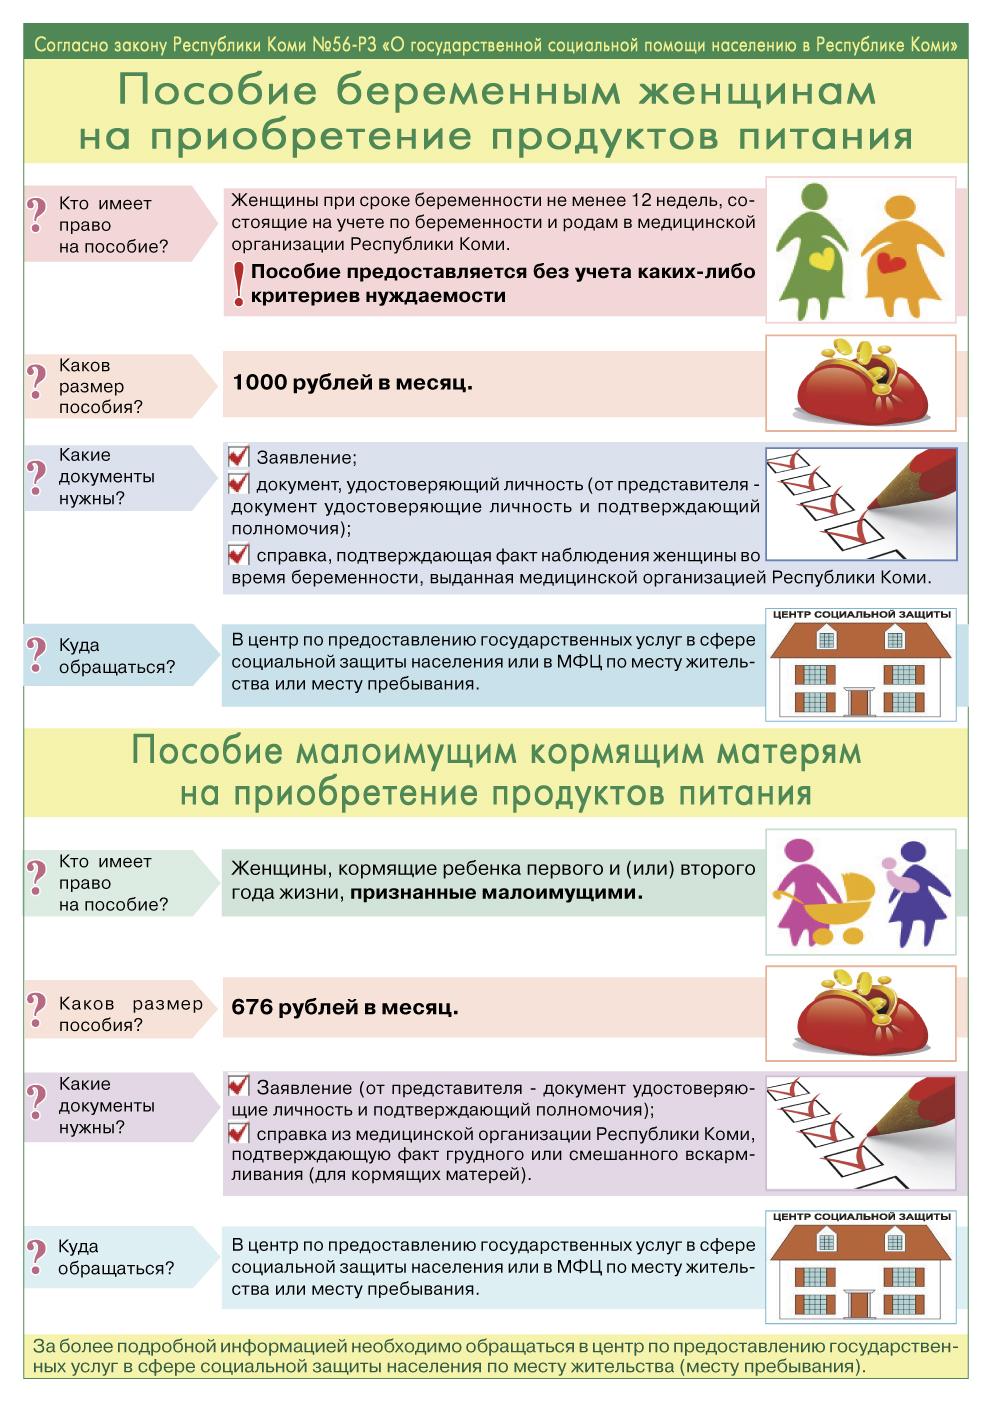 Posobiya-na-produkty-beremennym-i-maloimuschim-kormyaschim_01.01.2021.jpg